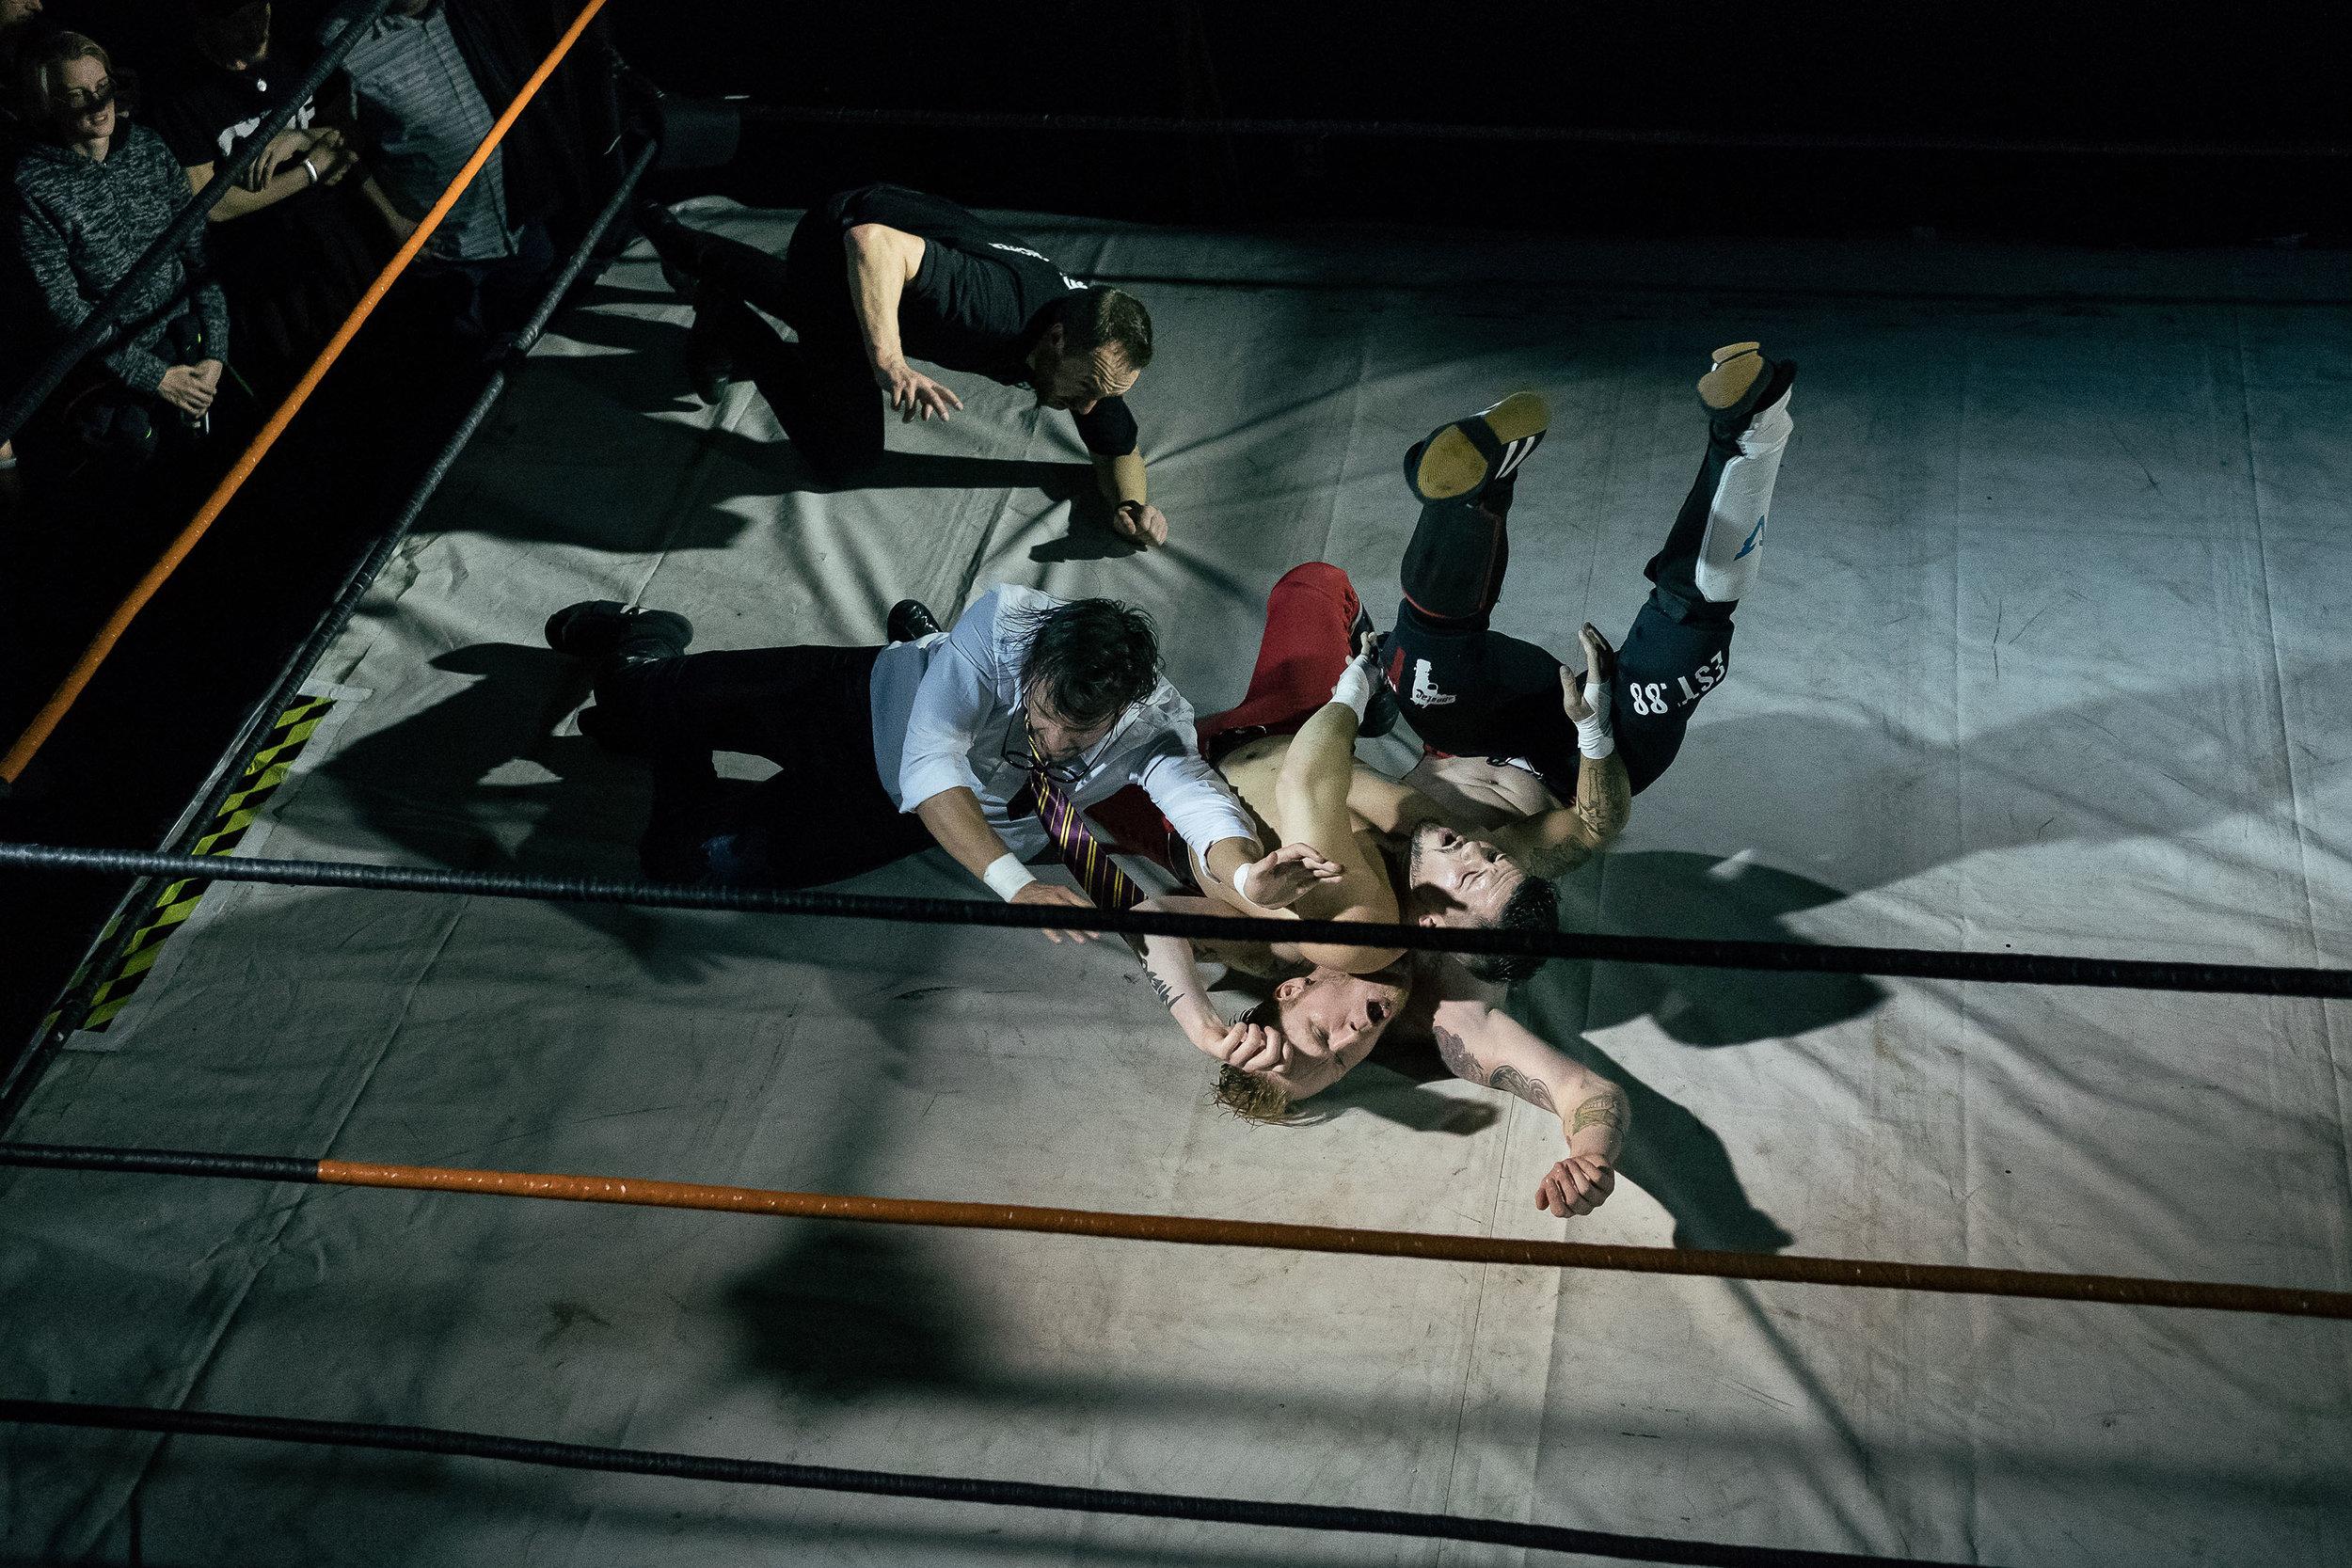 98_wrestling.jpg